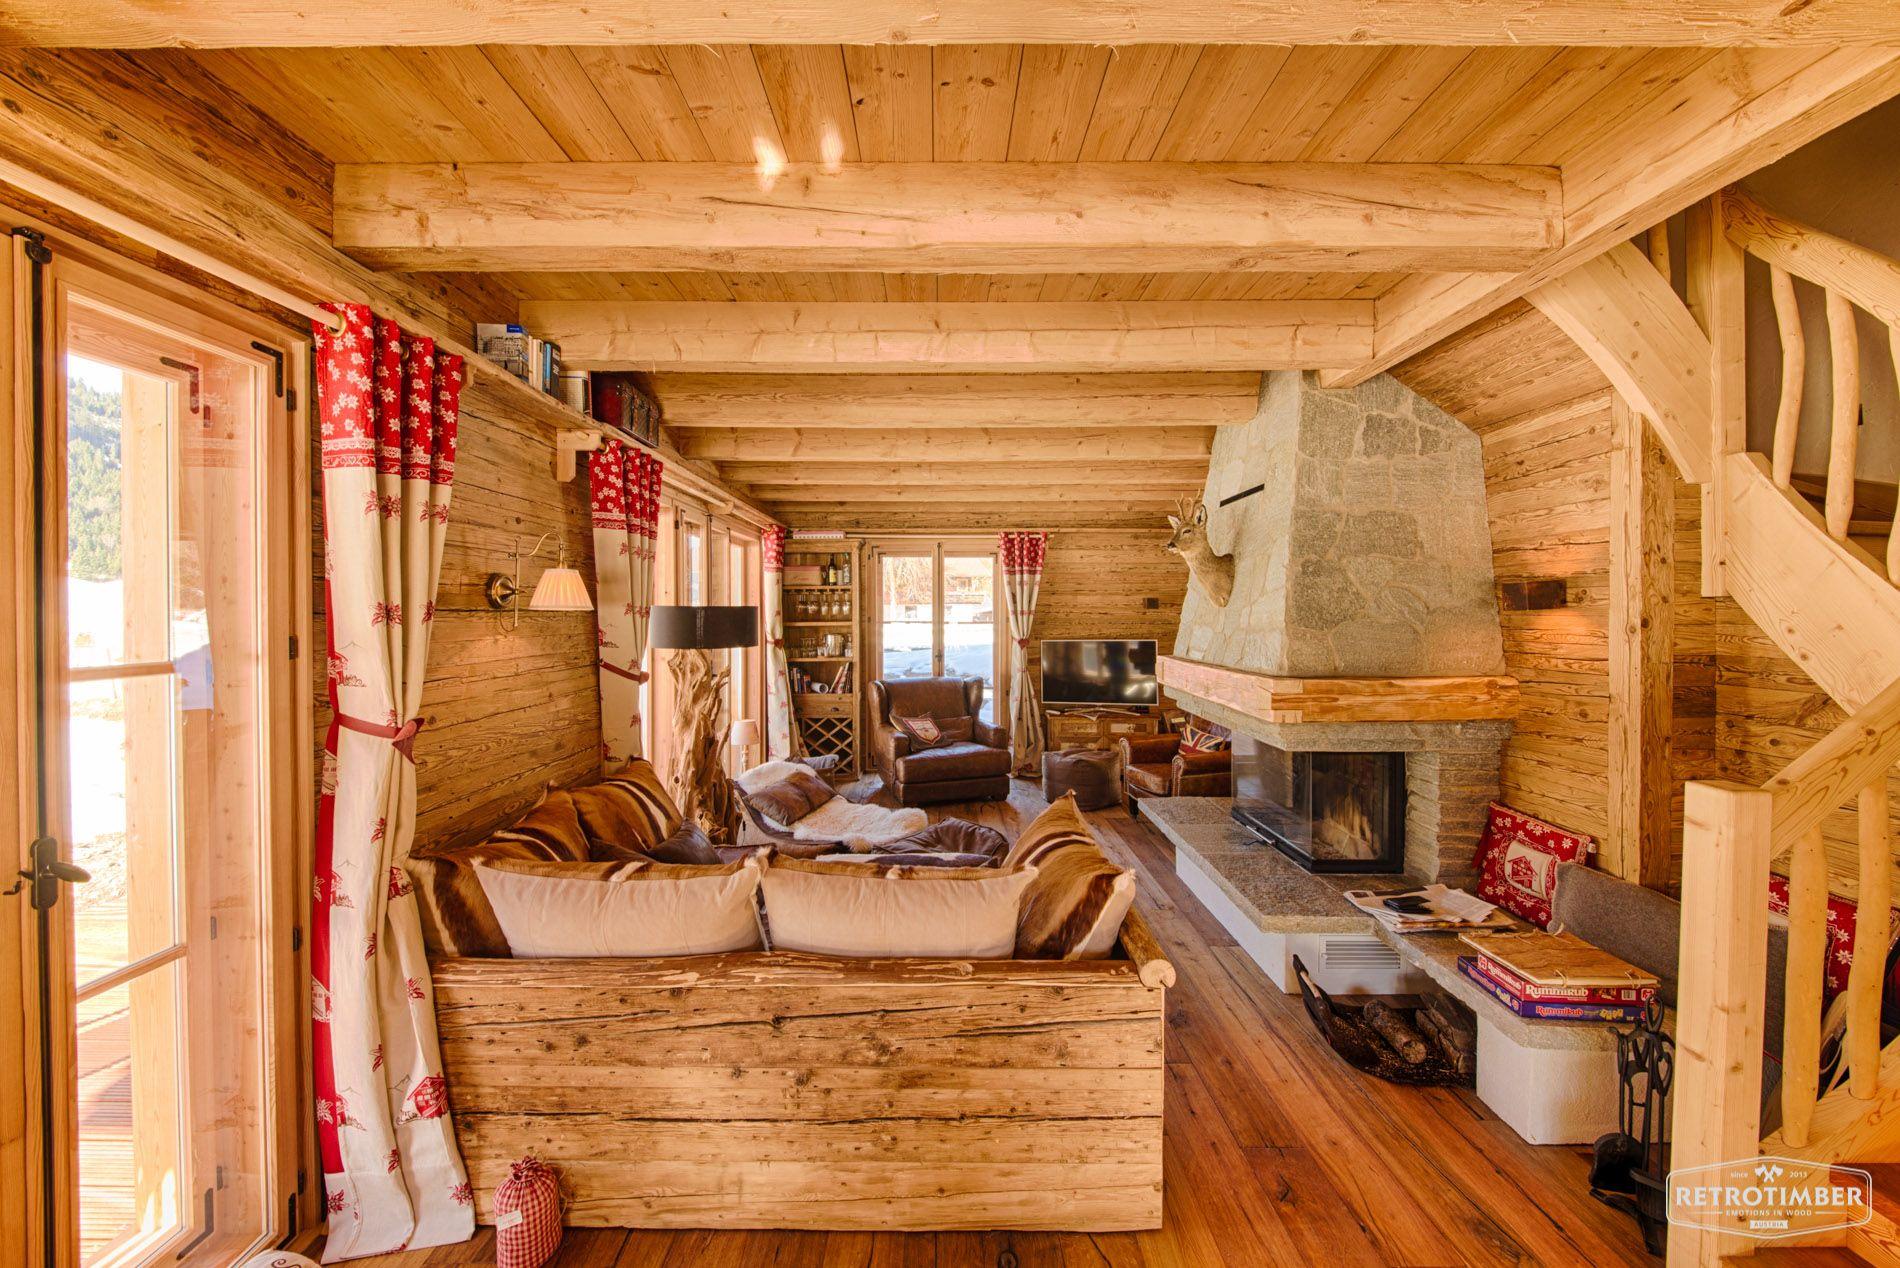 Retrotimber  Altholz Balken Hausbau Bau Fichte Lrche Landhausstil Wohnzimmer alt